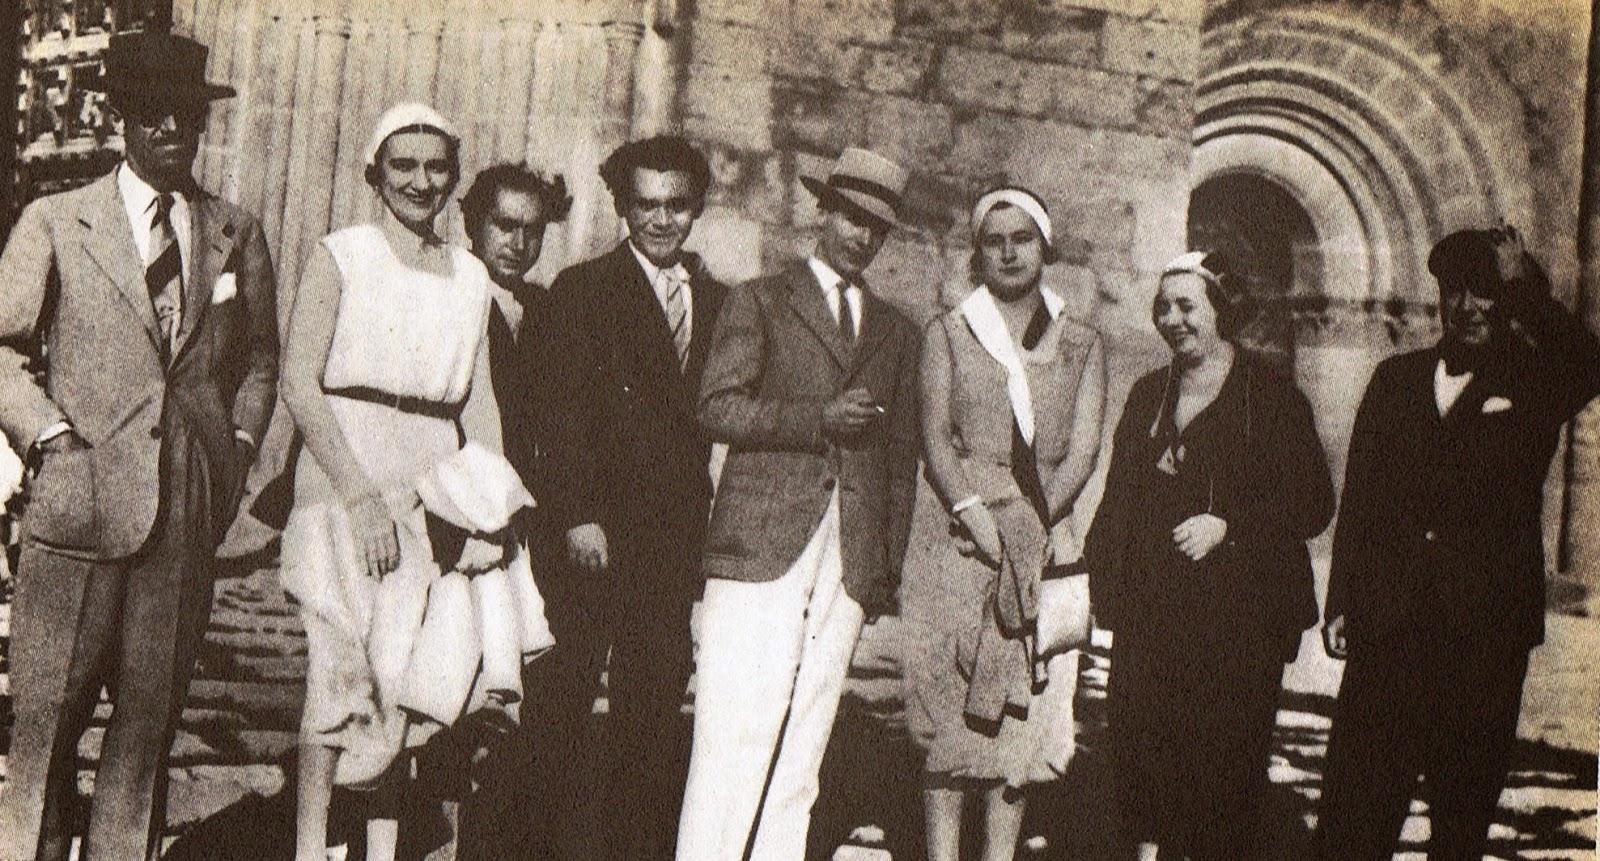 Federico en junio de 1936 en una visita al conde de Romanones